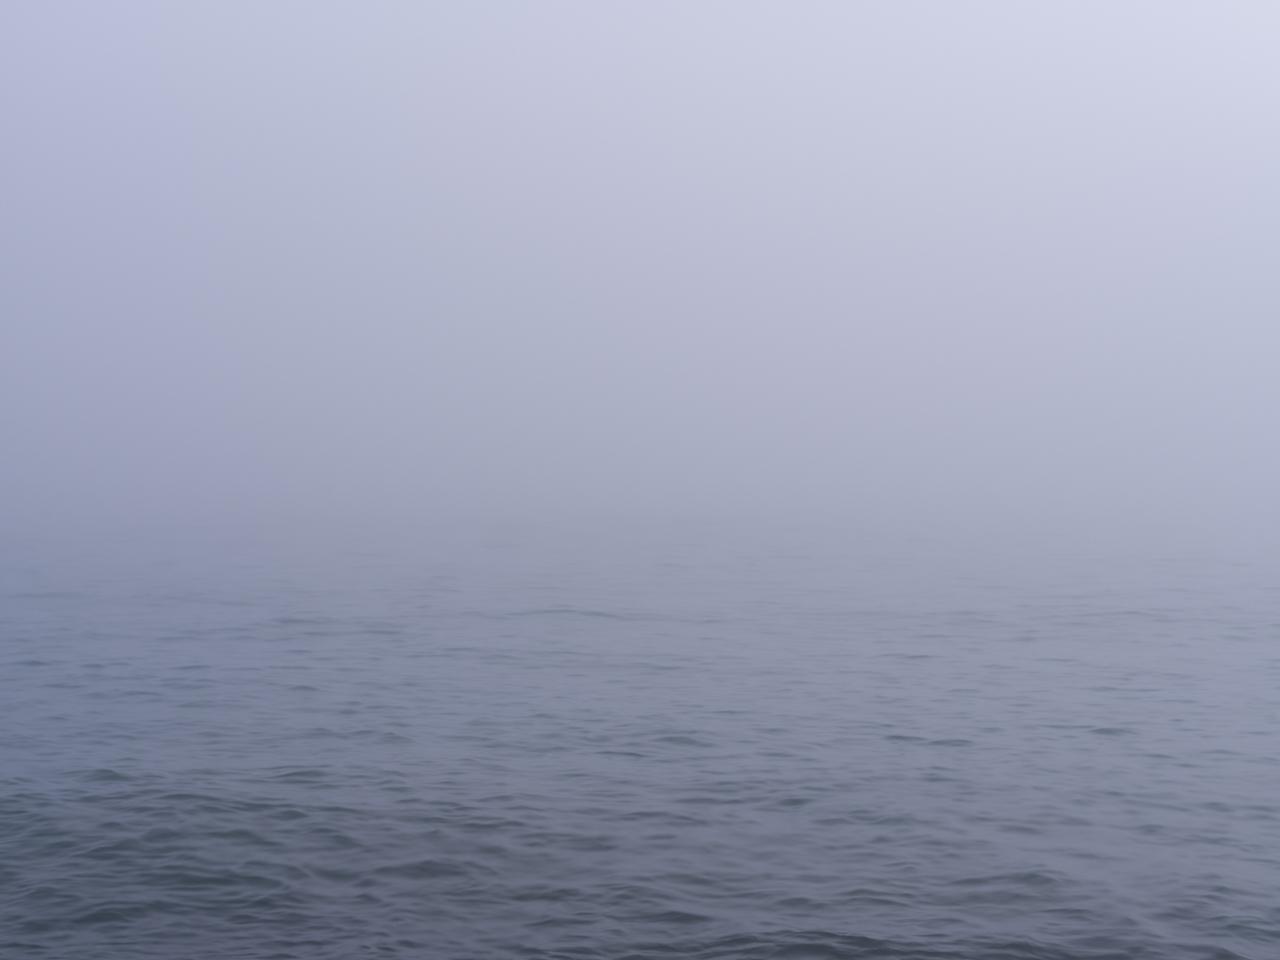 Lake Michigan, December 24th, 2019 (2)